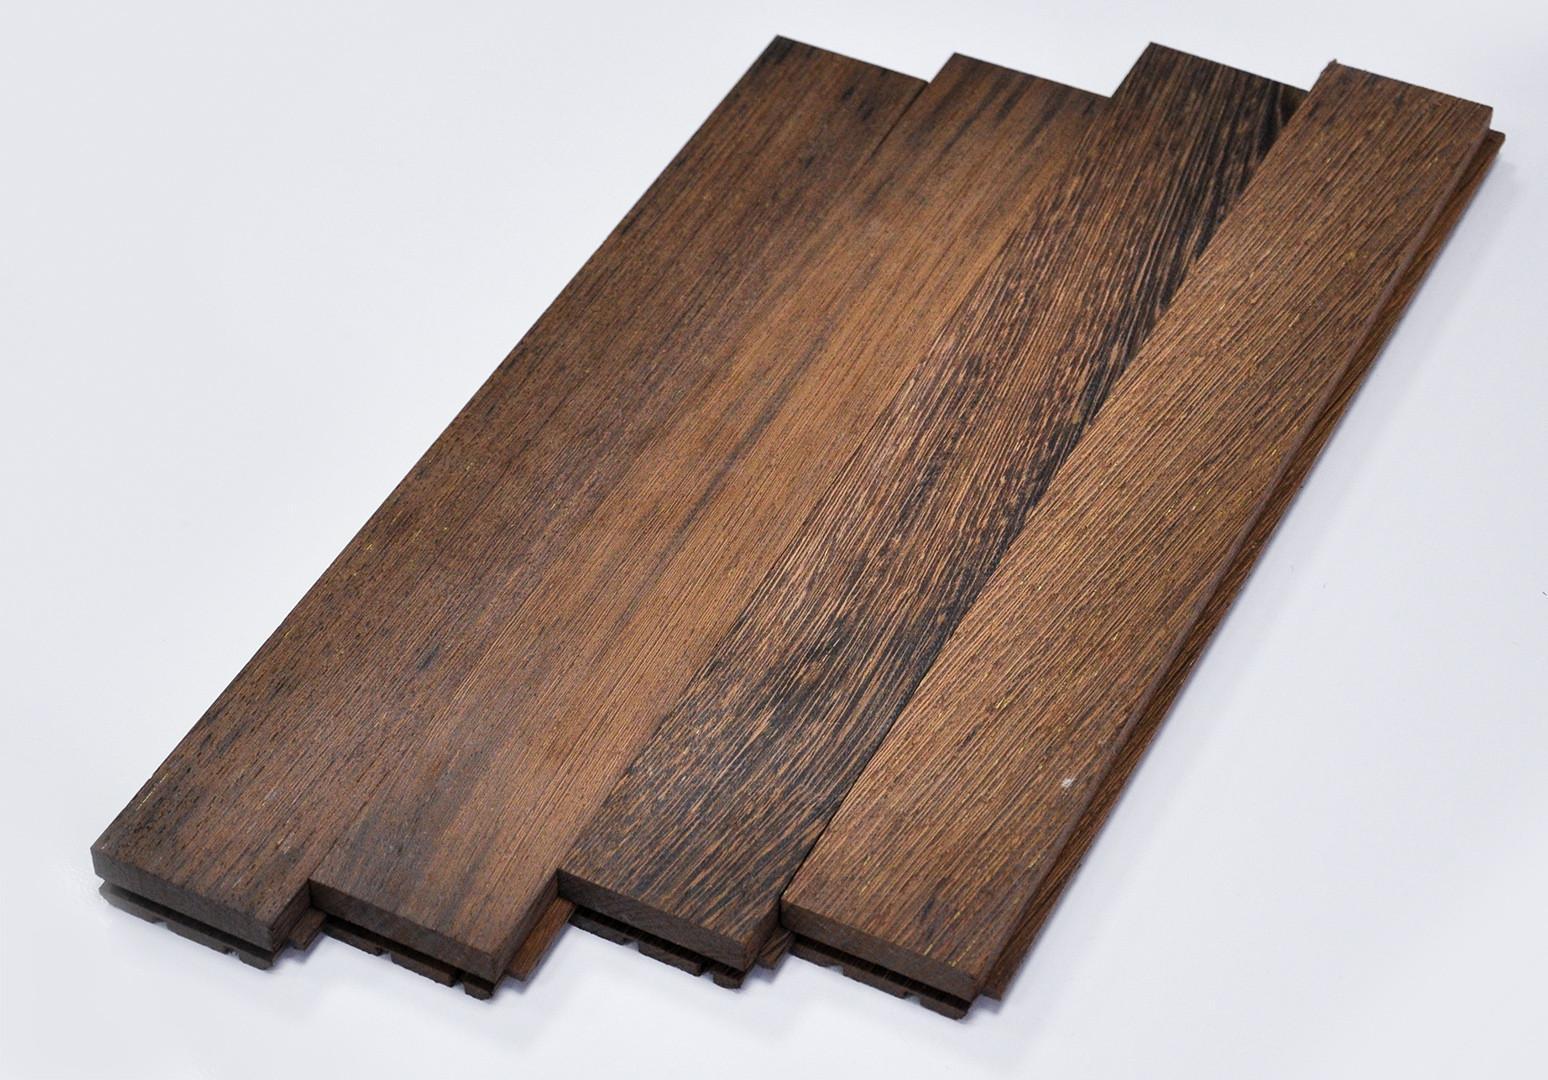 рисунок на древесине венге